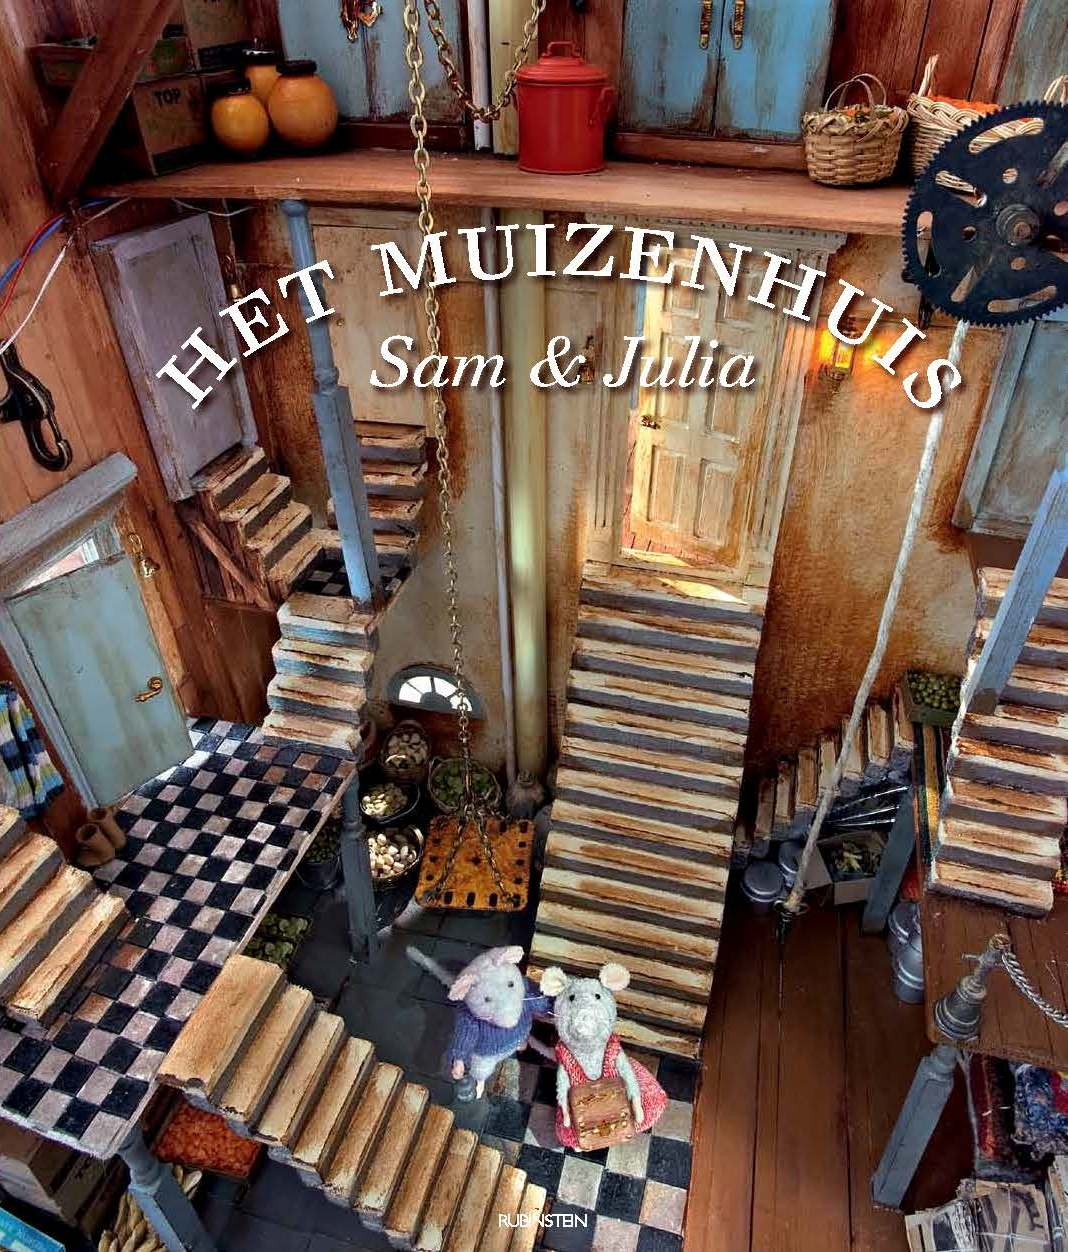 Netherlands MM1 cover.jpg